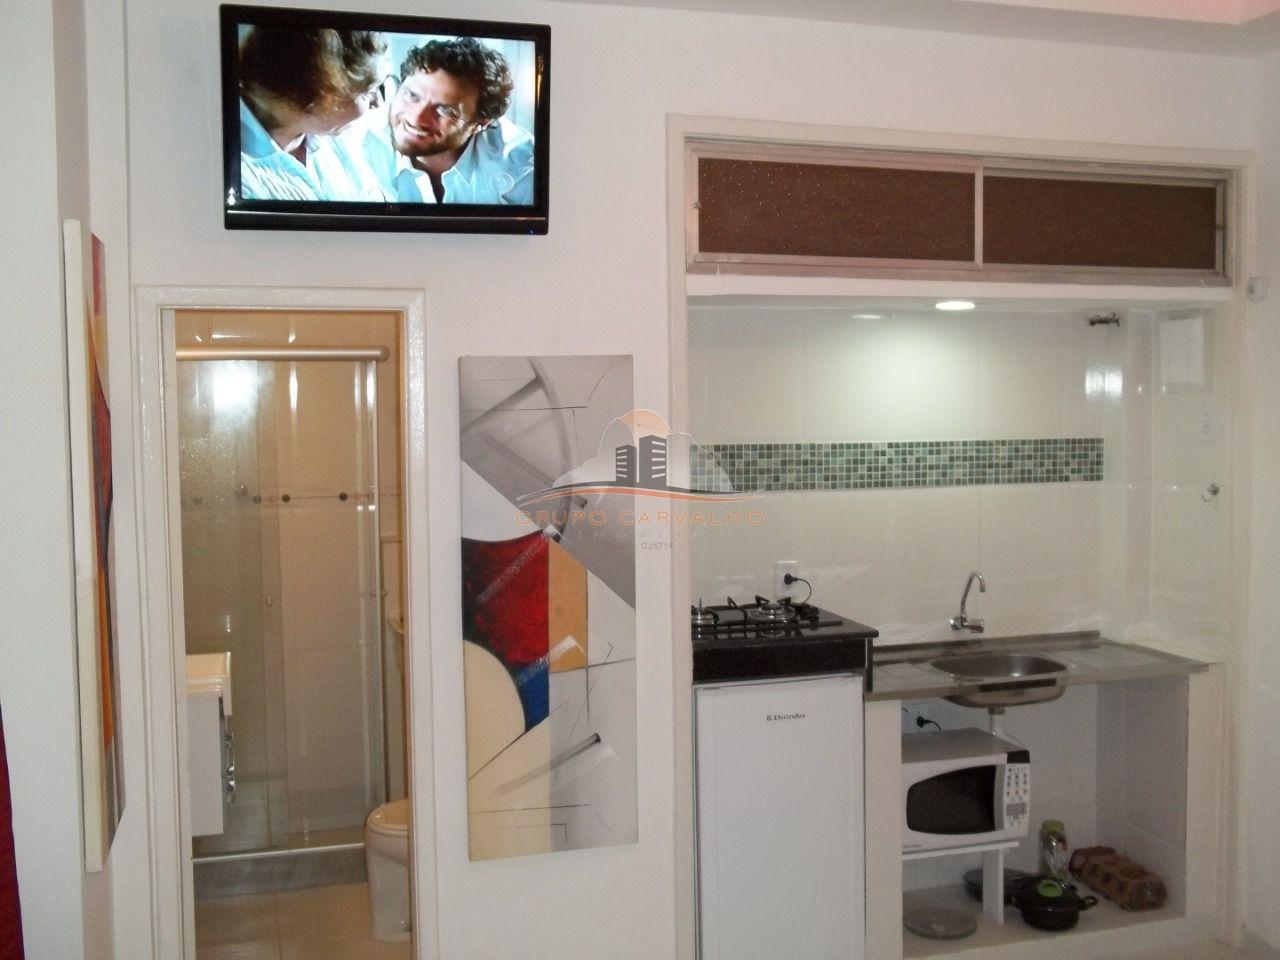 Kitnet/Conjugado 25m² à venda Rua Riachuelo,Rio de Janeiro,RJ - R$ 195.000 - CJI0011 - 10